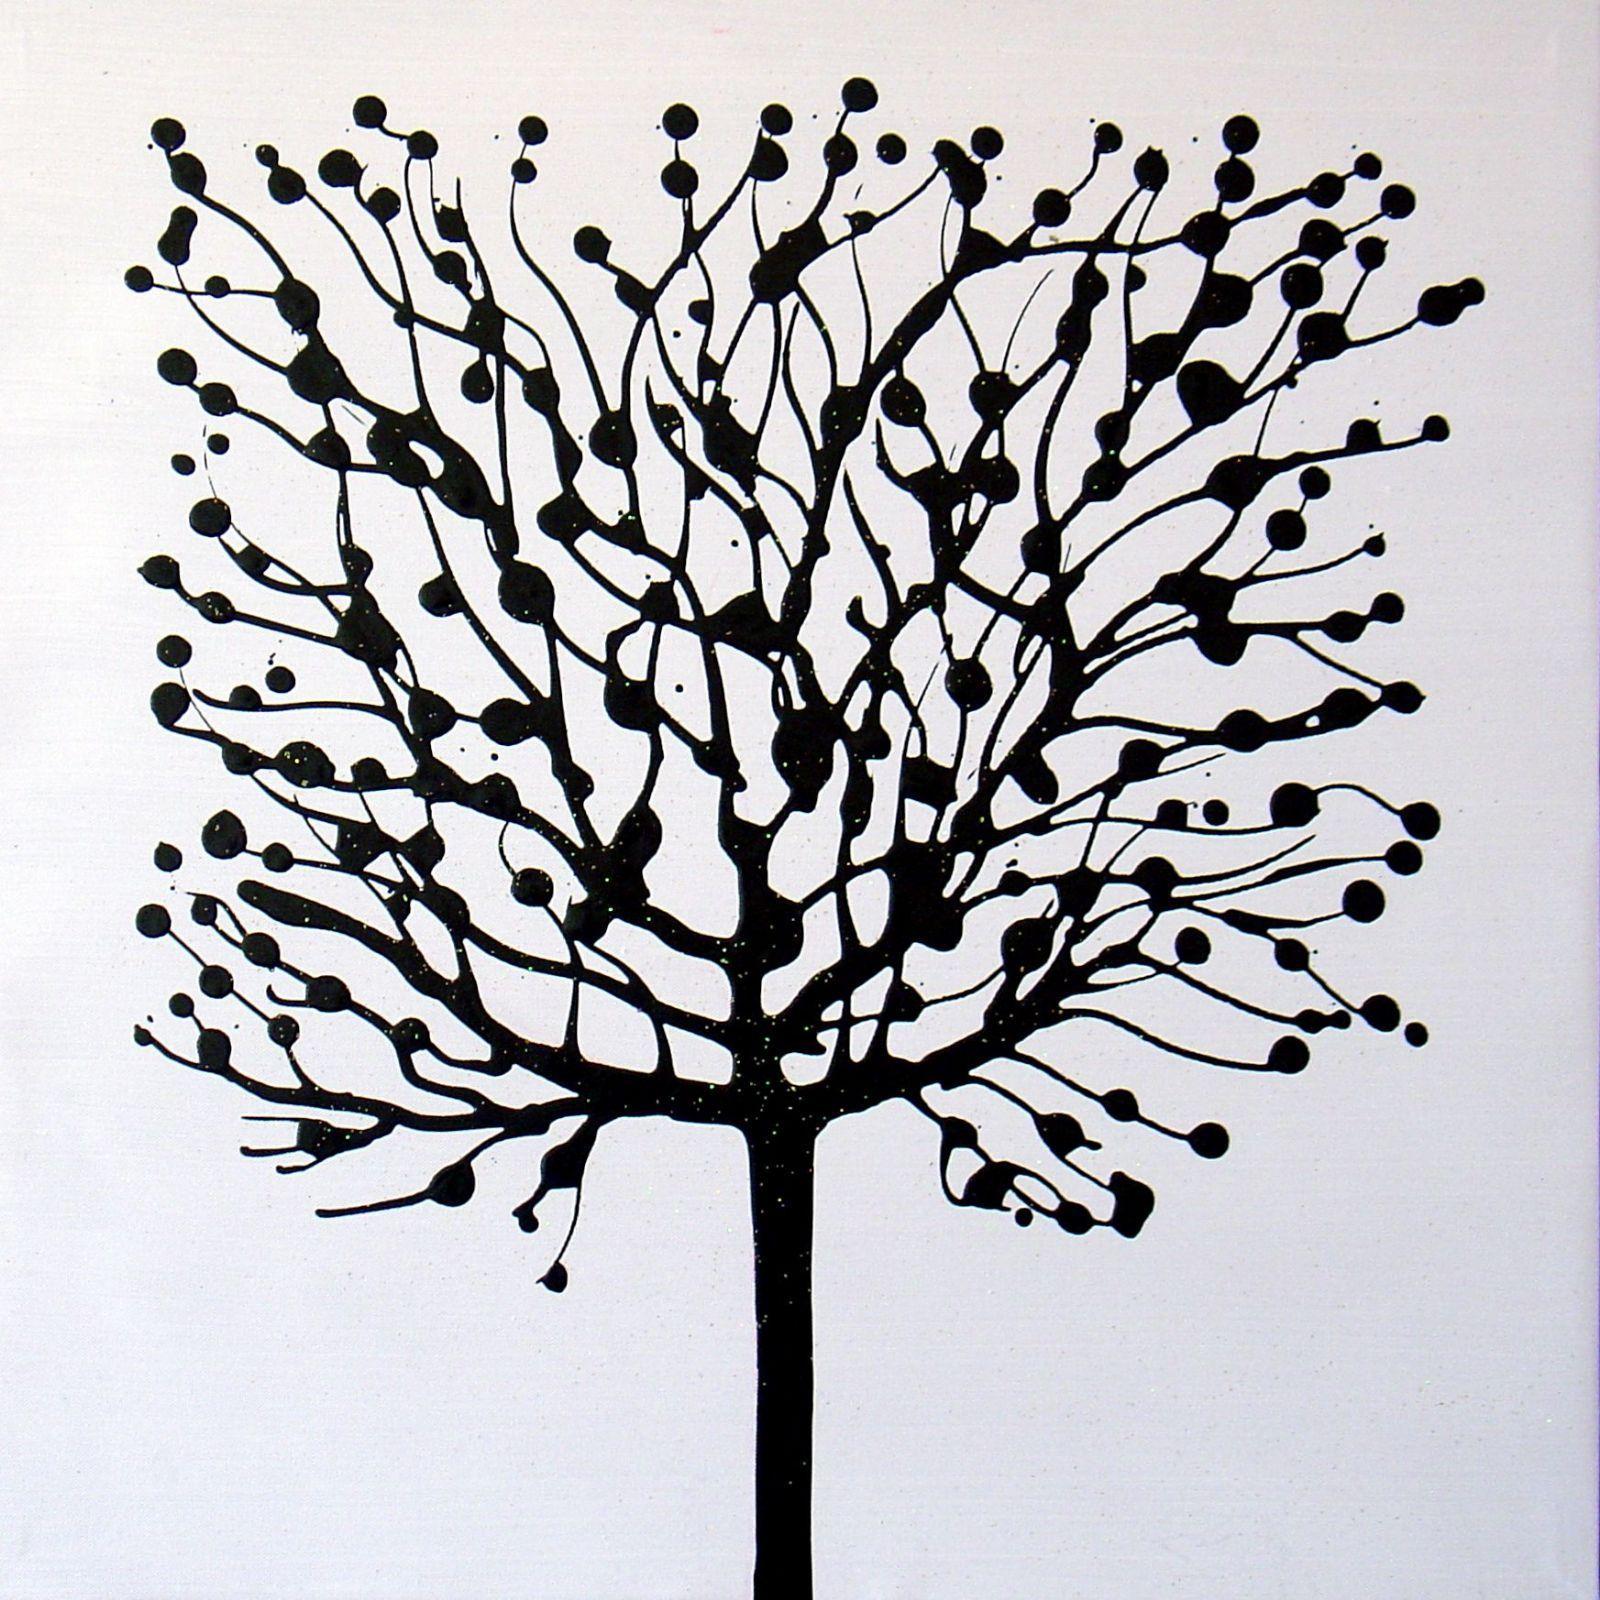 arbre noir fond blanc peinture artistes beaux tableaux plus belle galerie art decoration cadeau. Black Bedroom Furniture Sets. Home Design Ideas